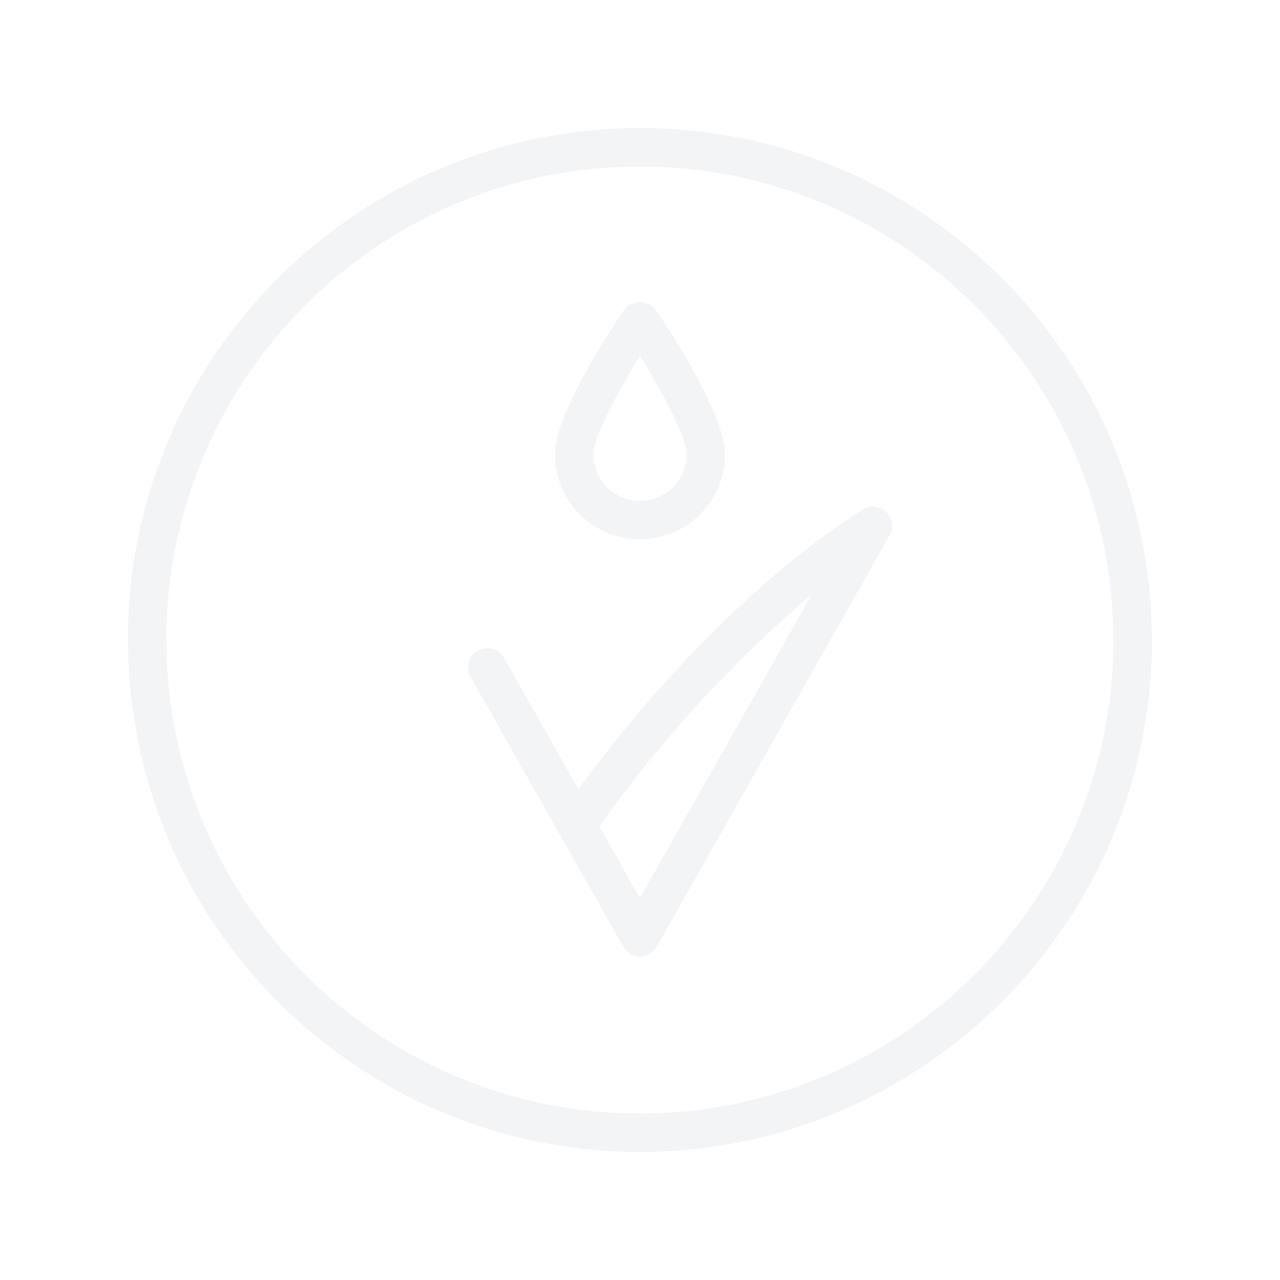 b6eb8efe6c GUCCI Guilty Absolute Pour Femme 50ml Eau De Parfum Gift Set | LOVERTE